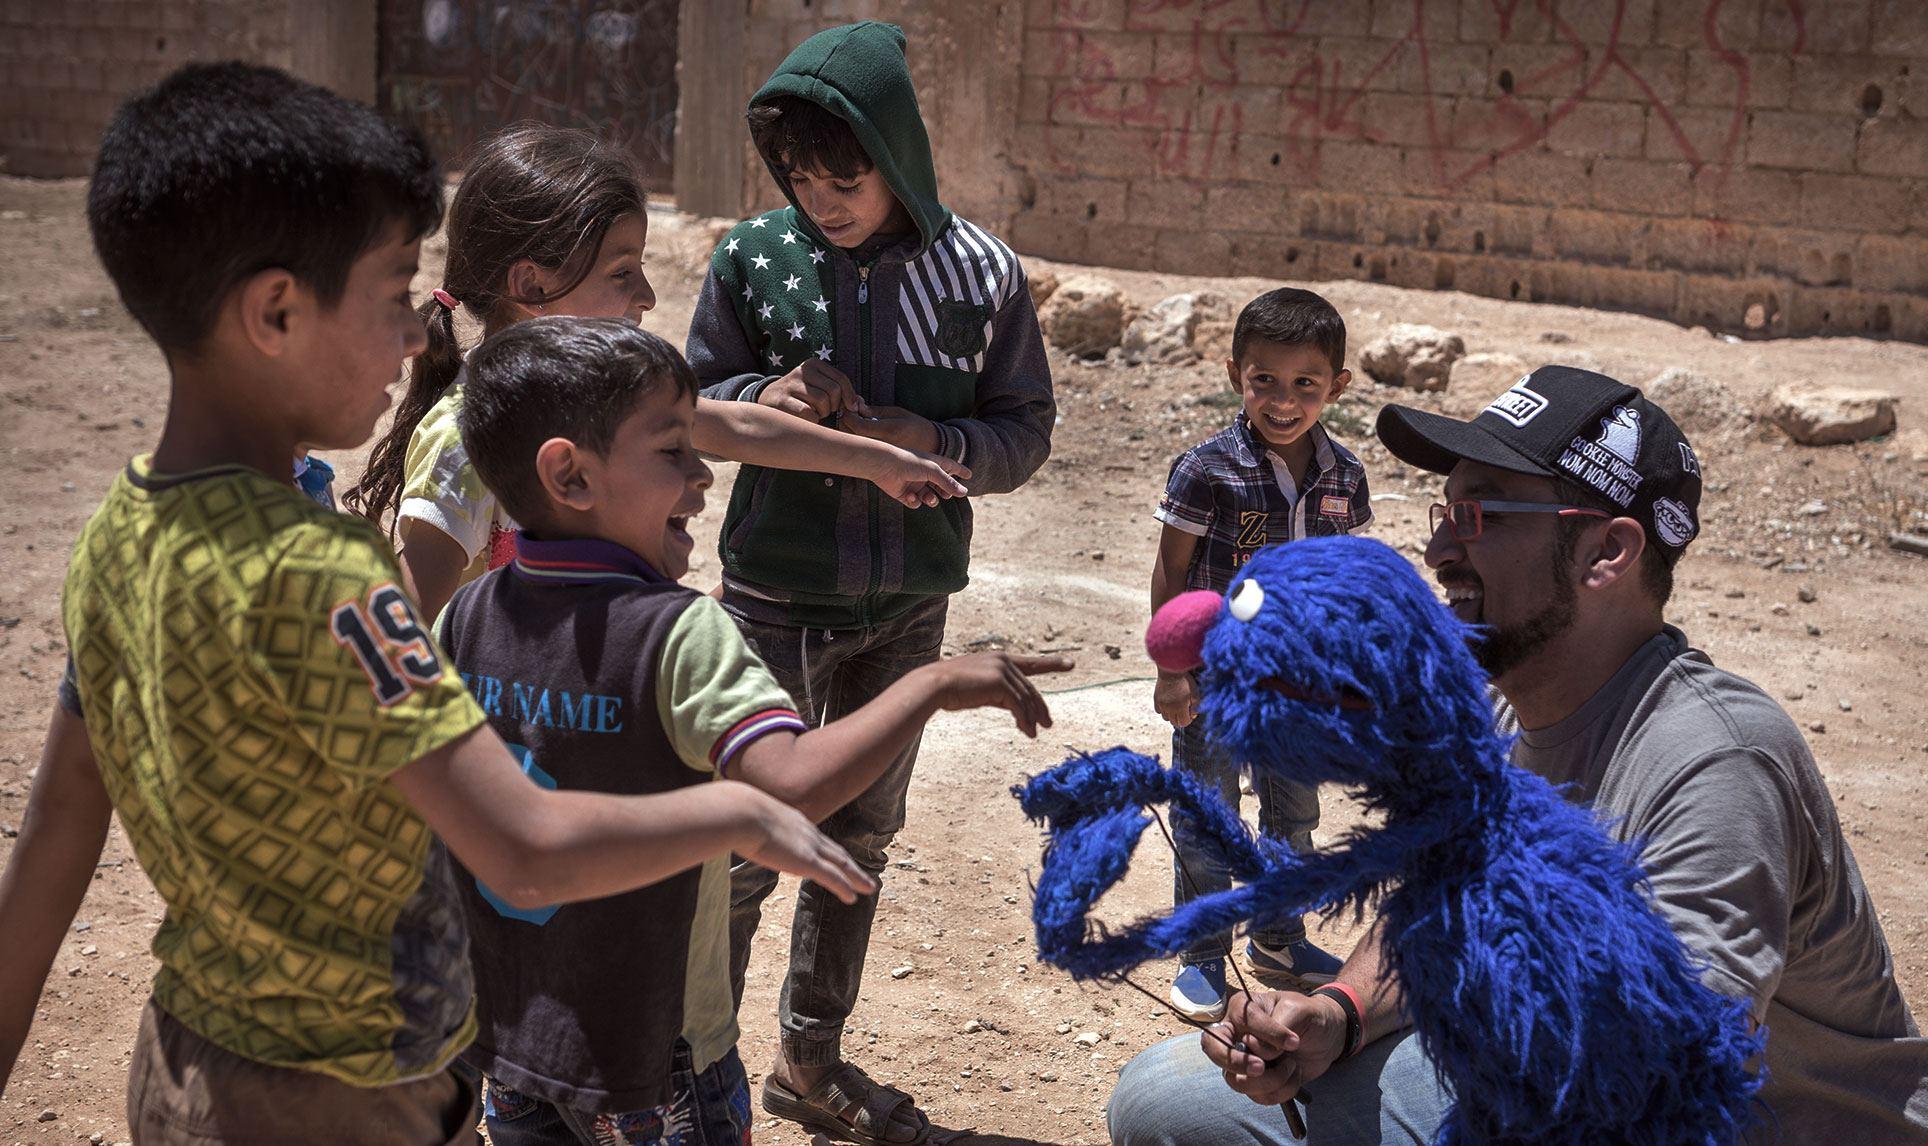 حصول Sesame Workshop على جائزة مئة مليون دولار مخصصة لمساعدة الأطفال اللاجئين السوريين في المنطقة